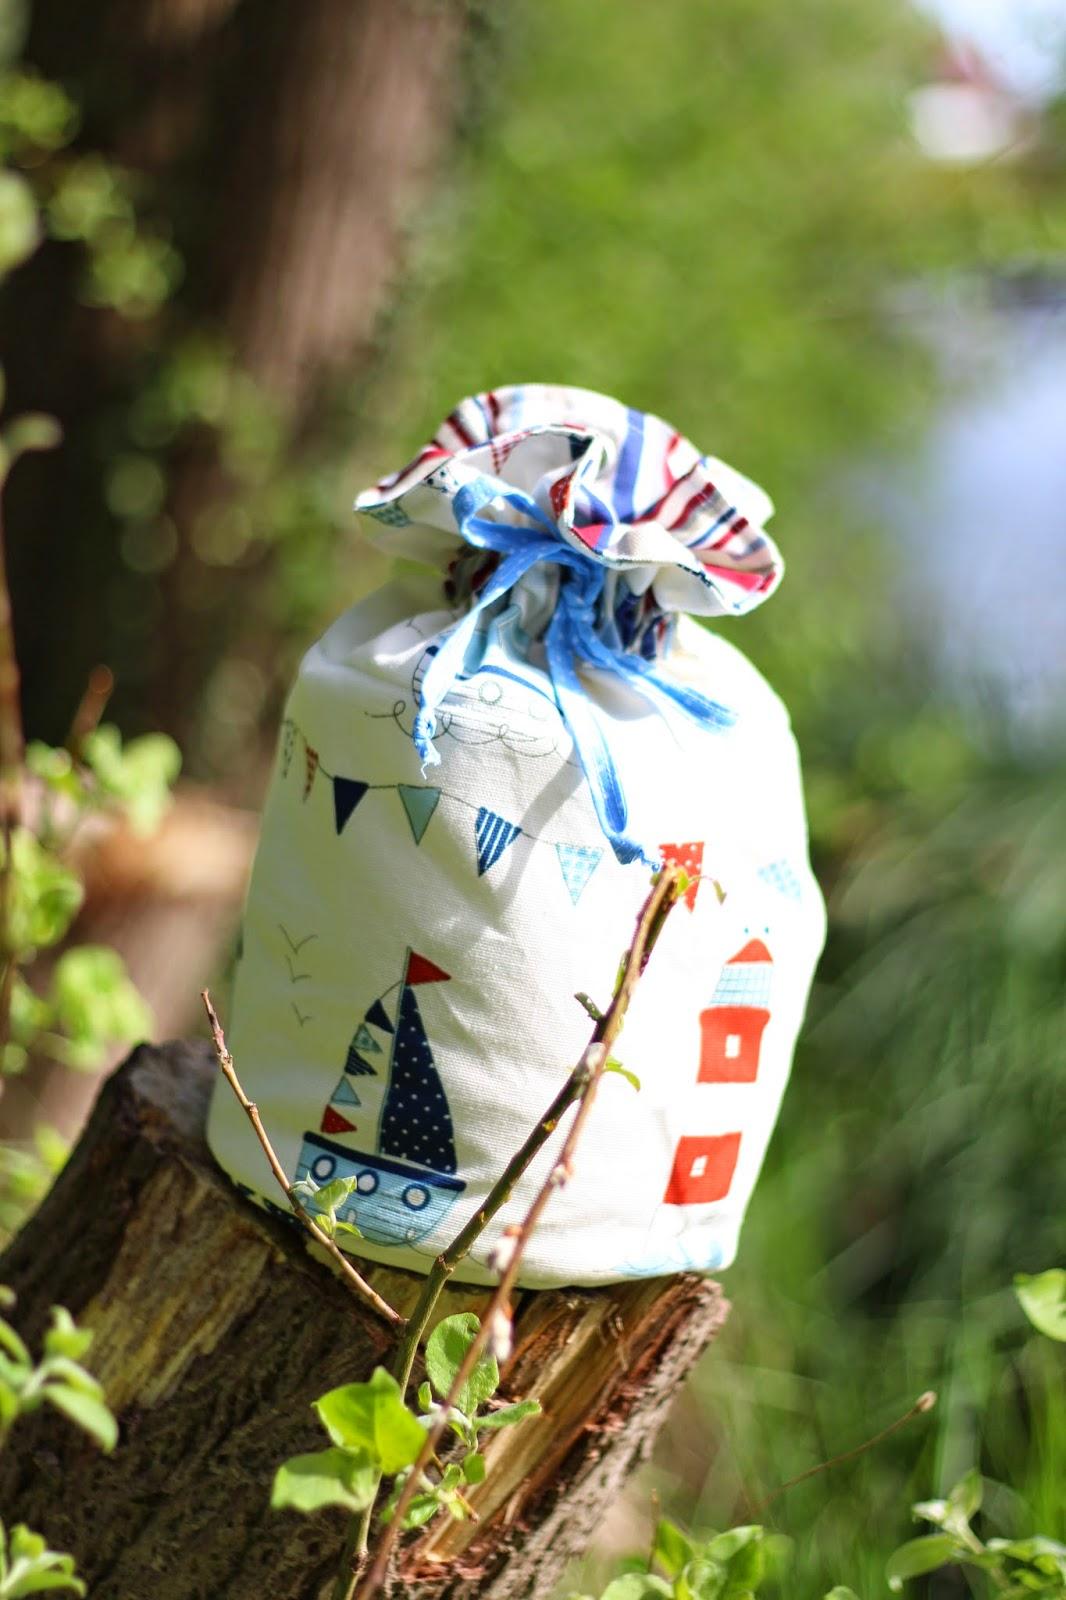 Frischer Wind für Euer Zuhause mit den wunderschönen Dekostoffen von Clarke & Clarke! 16